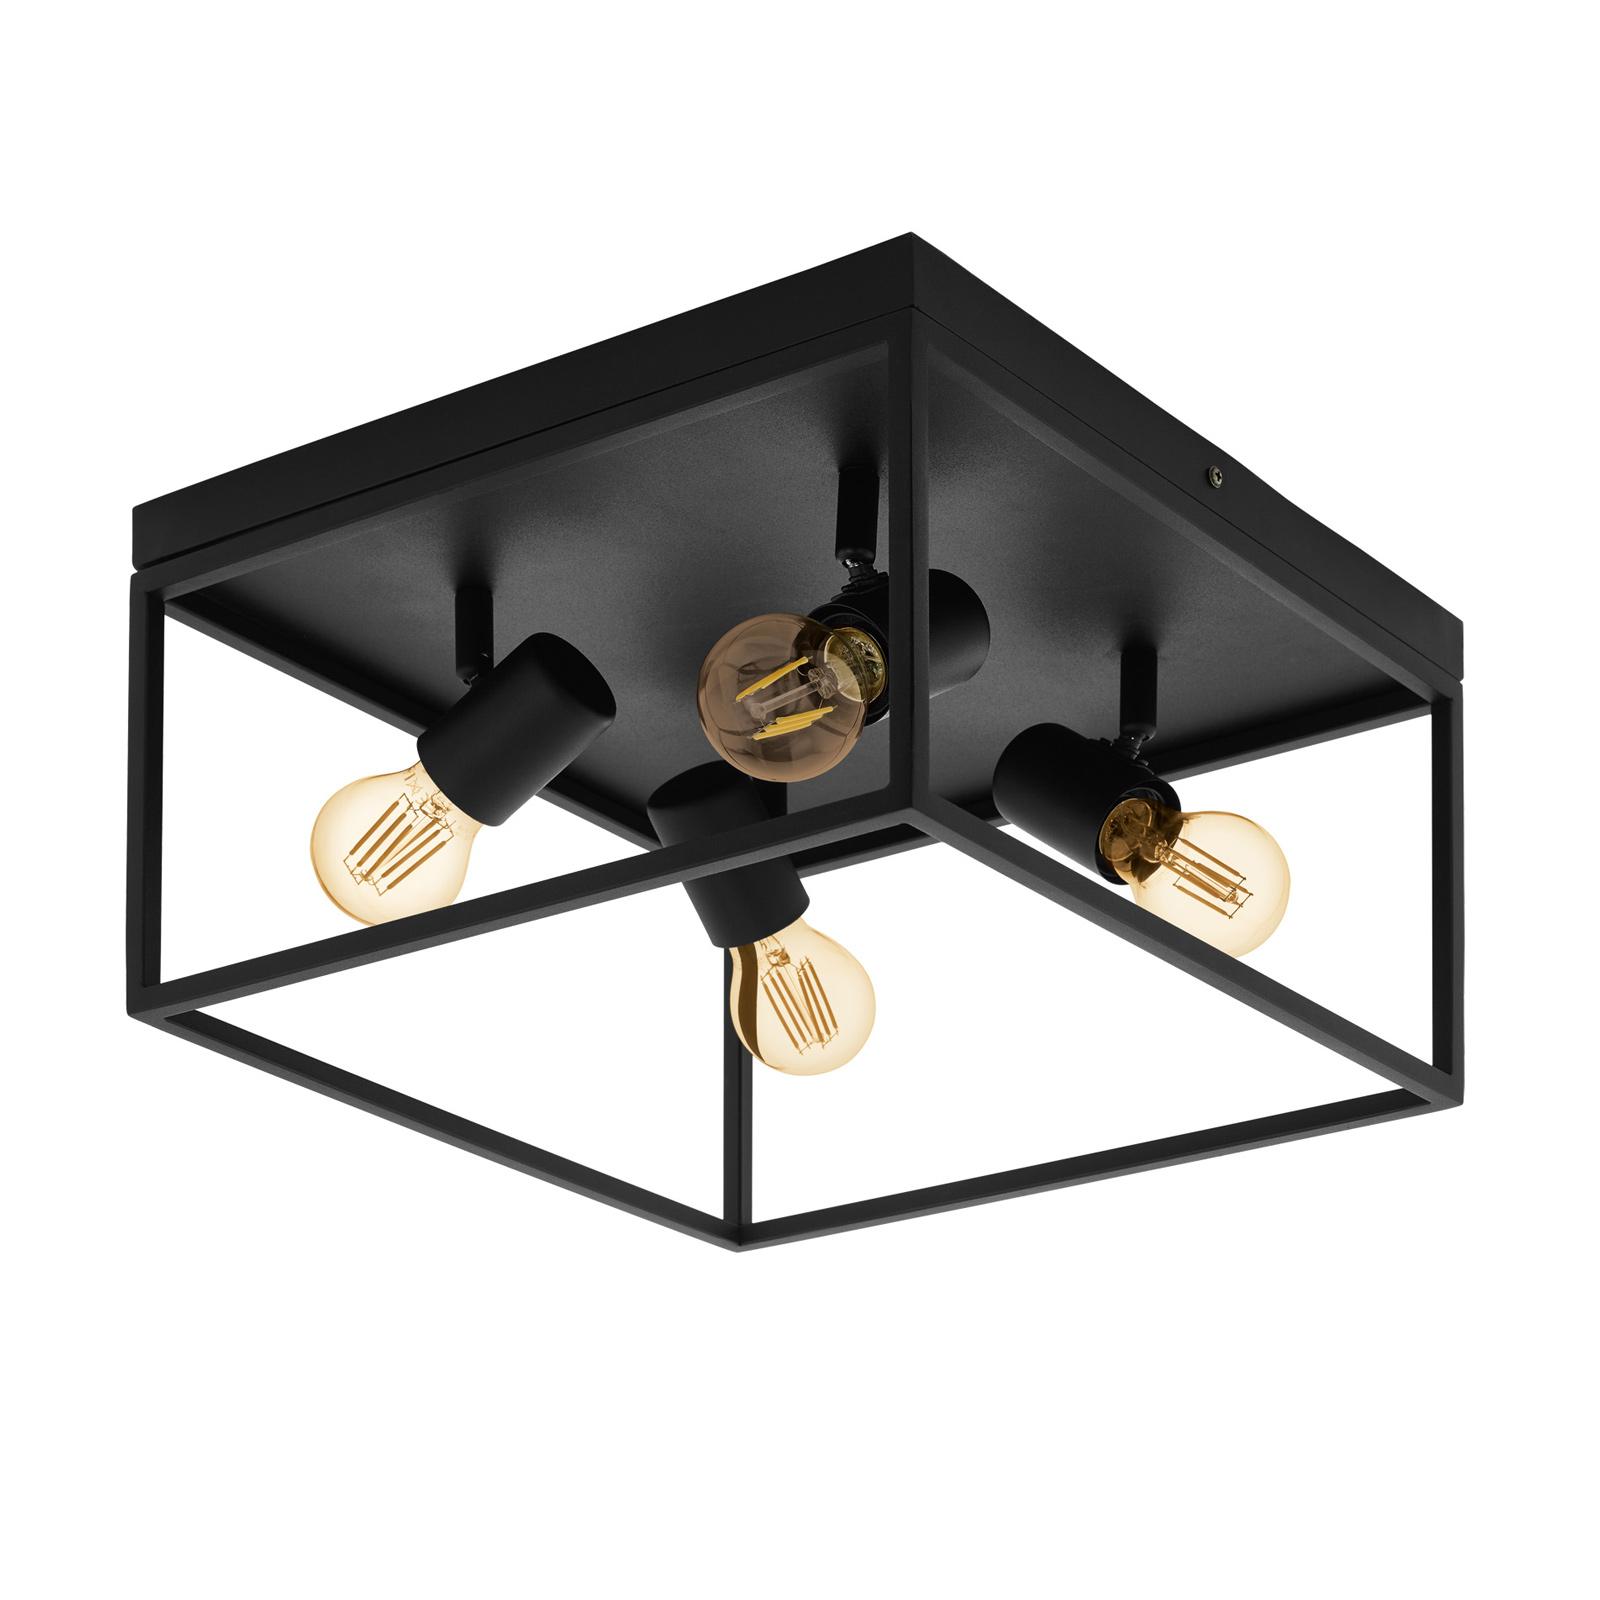 Lámpara de techo Silentina de 4 luces, 36x36cm